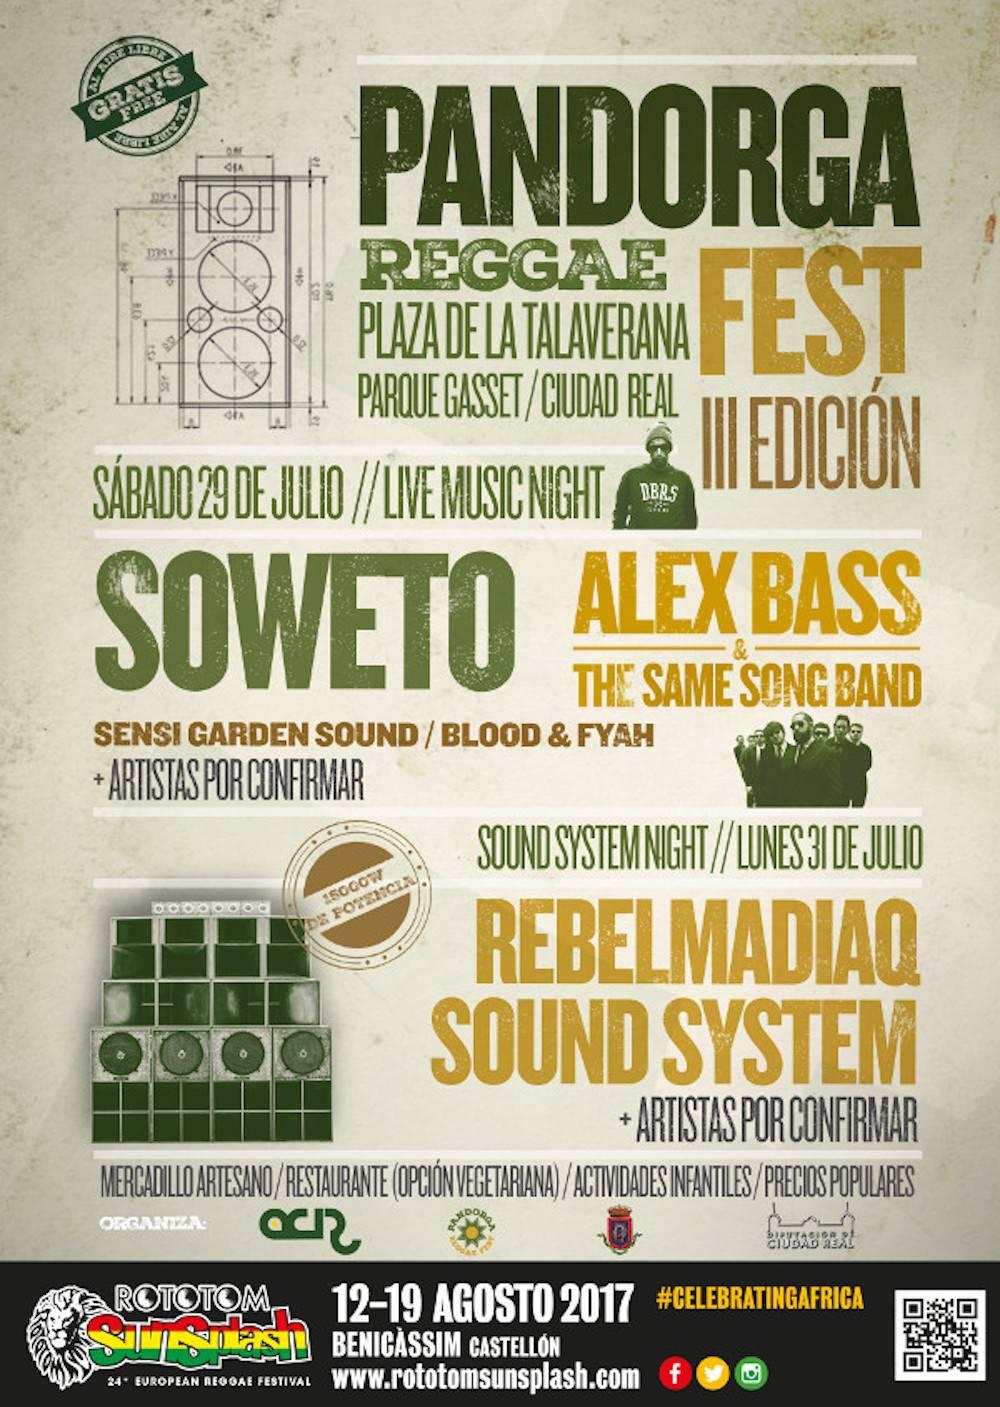 Llega el festival que no te podrás perder: III Pandorga Reggae Fest Ciudad Real 3